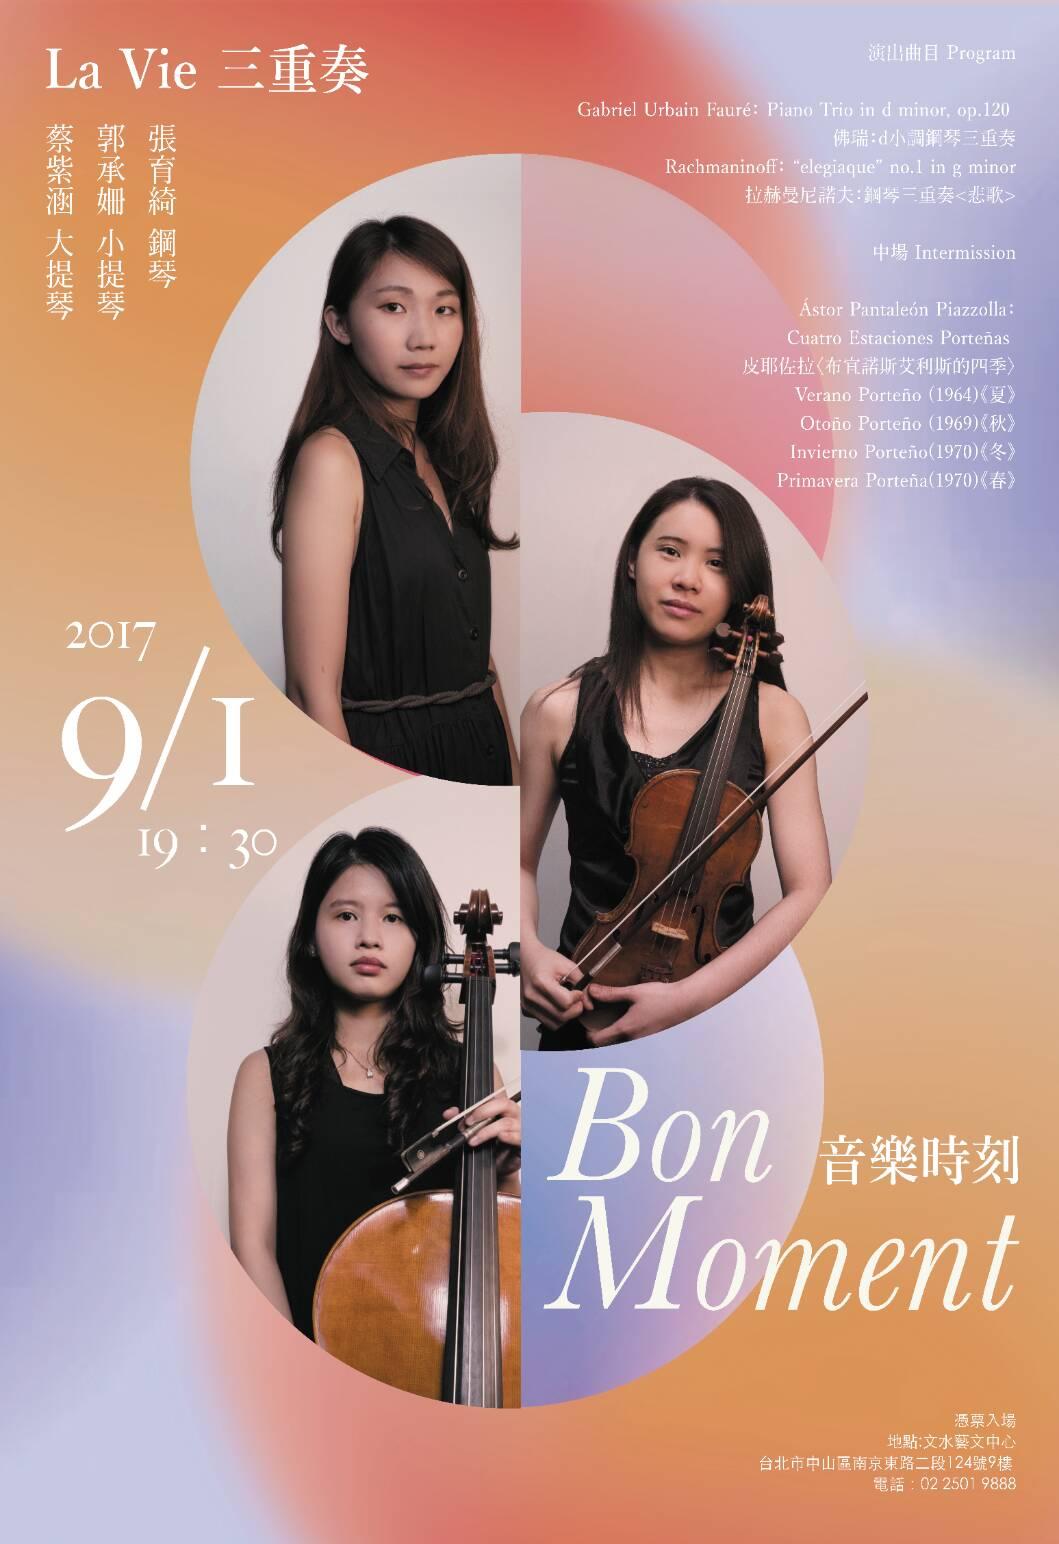 La vie三重奏2017/9/1 水文藝術中心